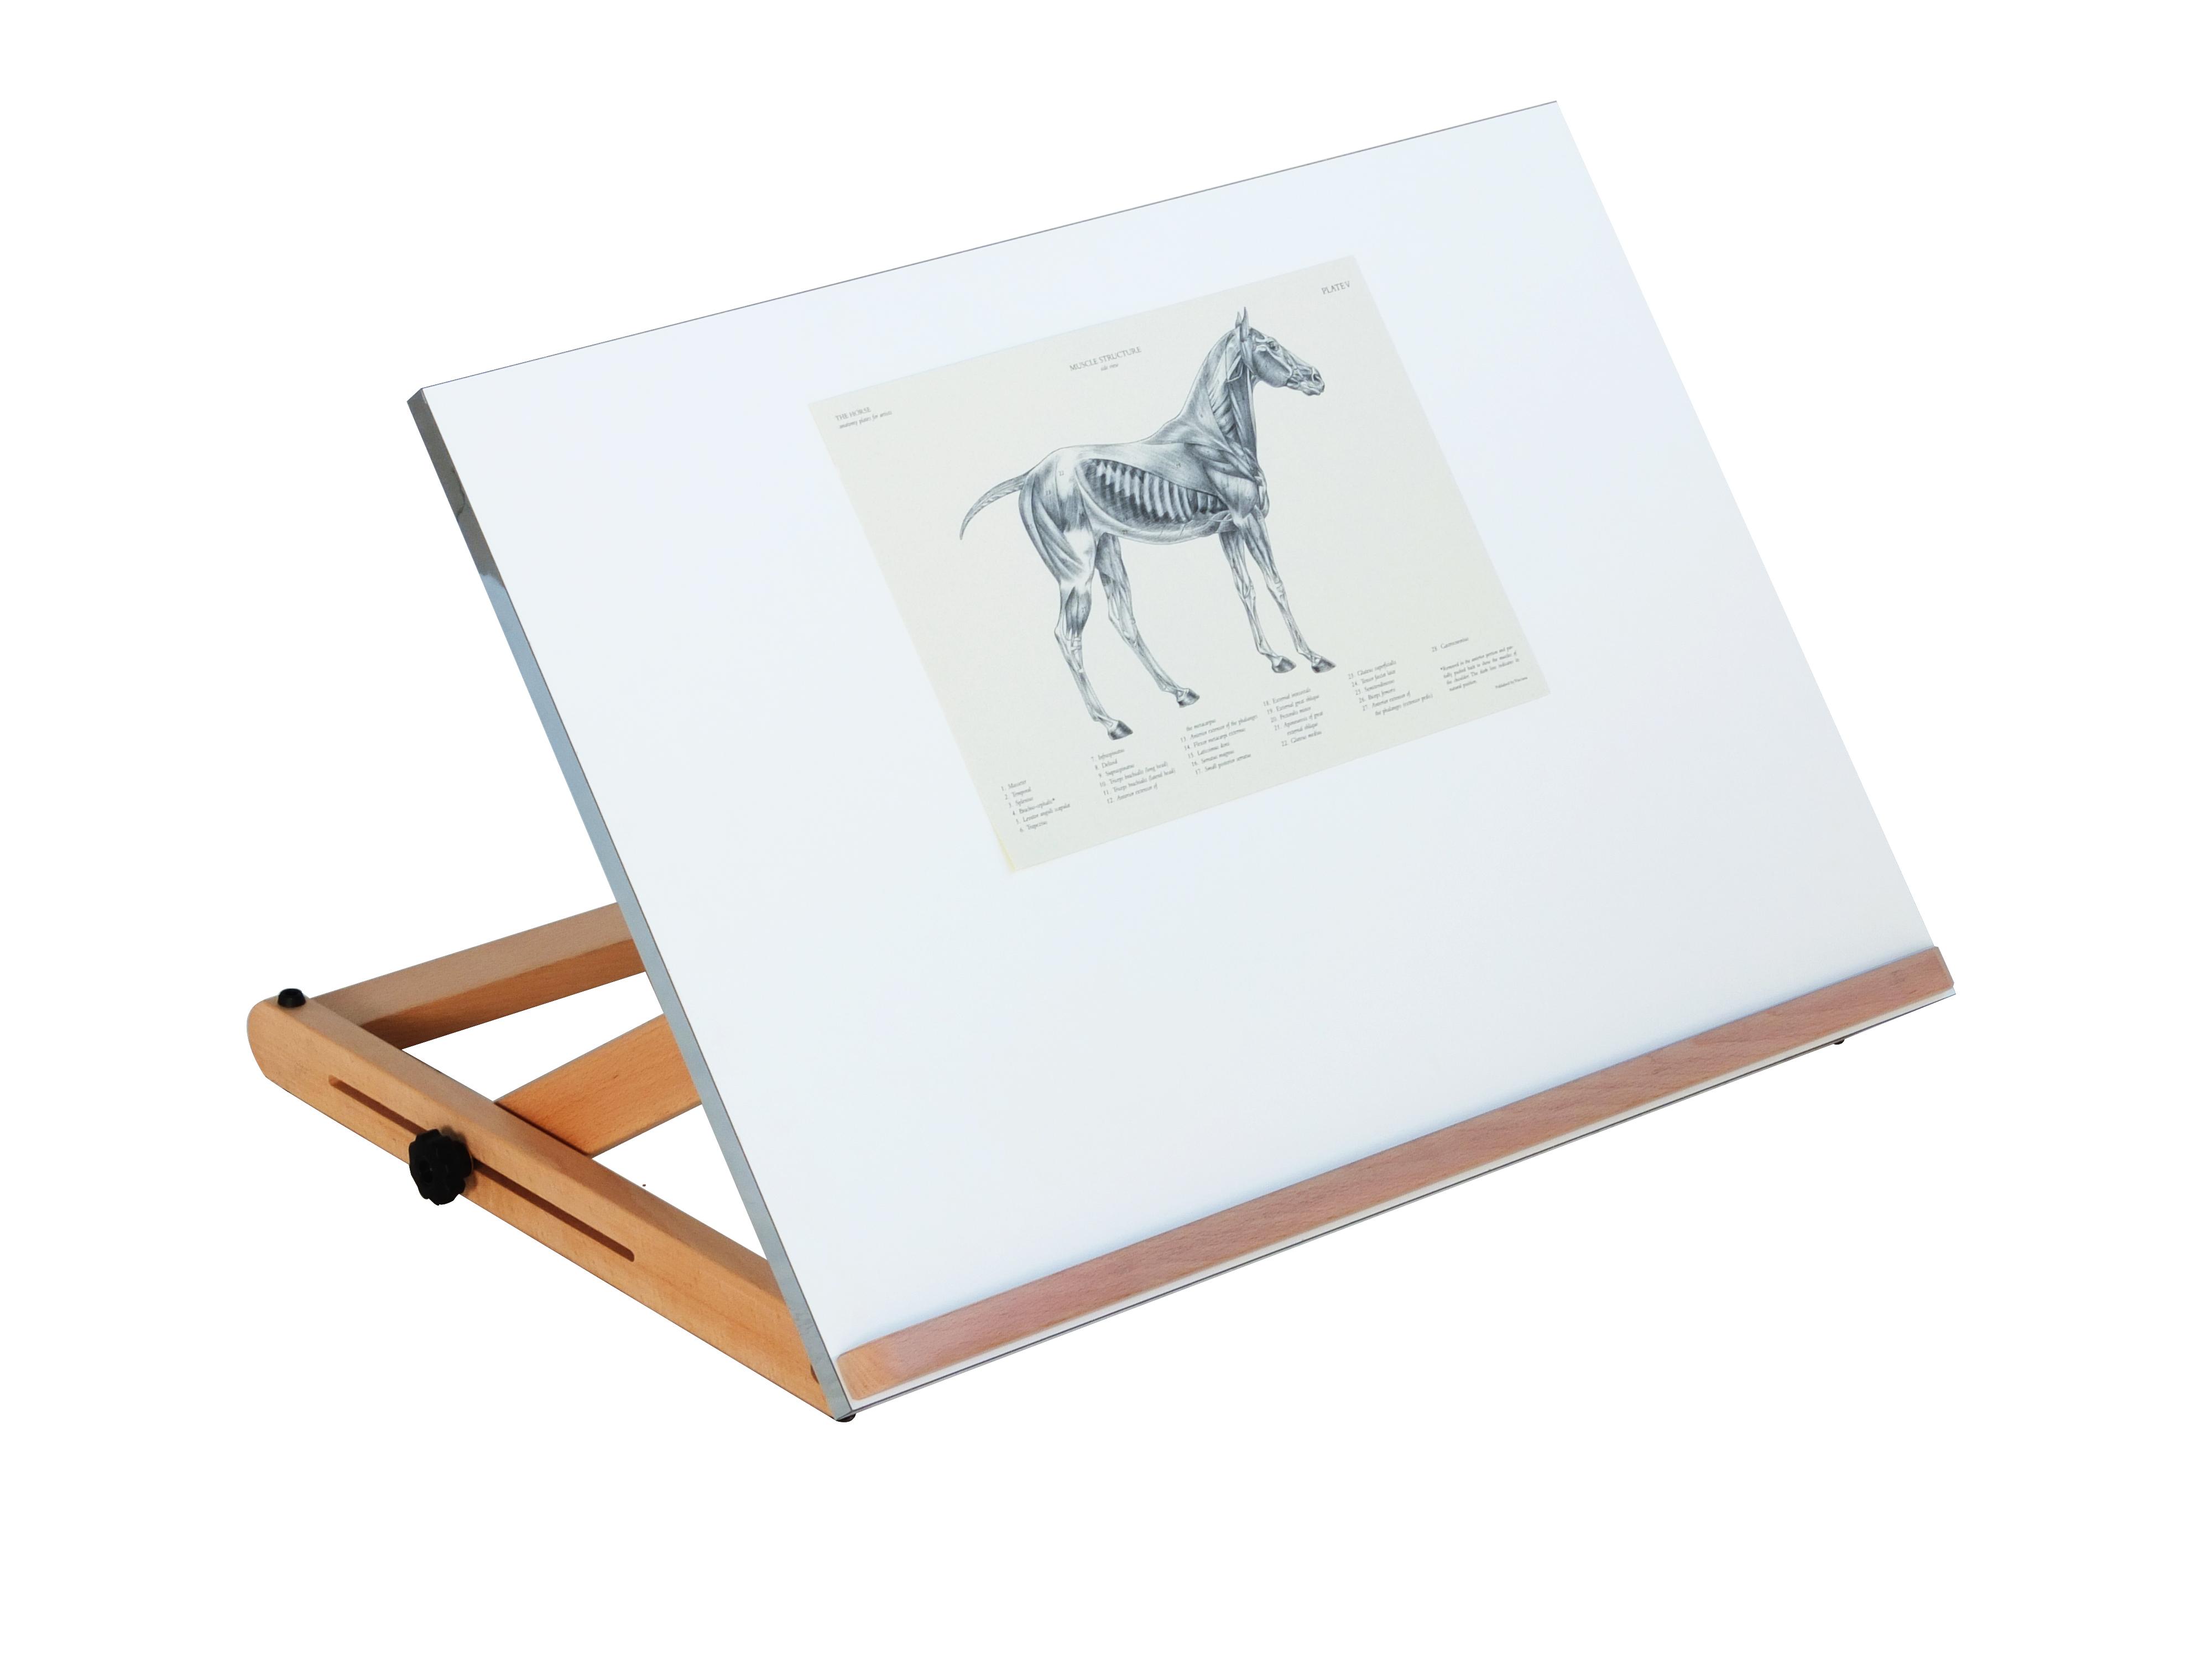 Tavolo Da Disegno Artistico : Td 10 ◦ tavola da disegno regolabile cappelletto articoli e